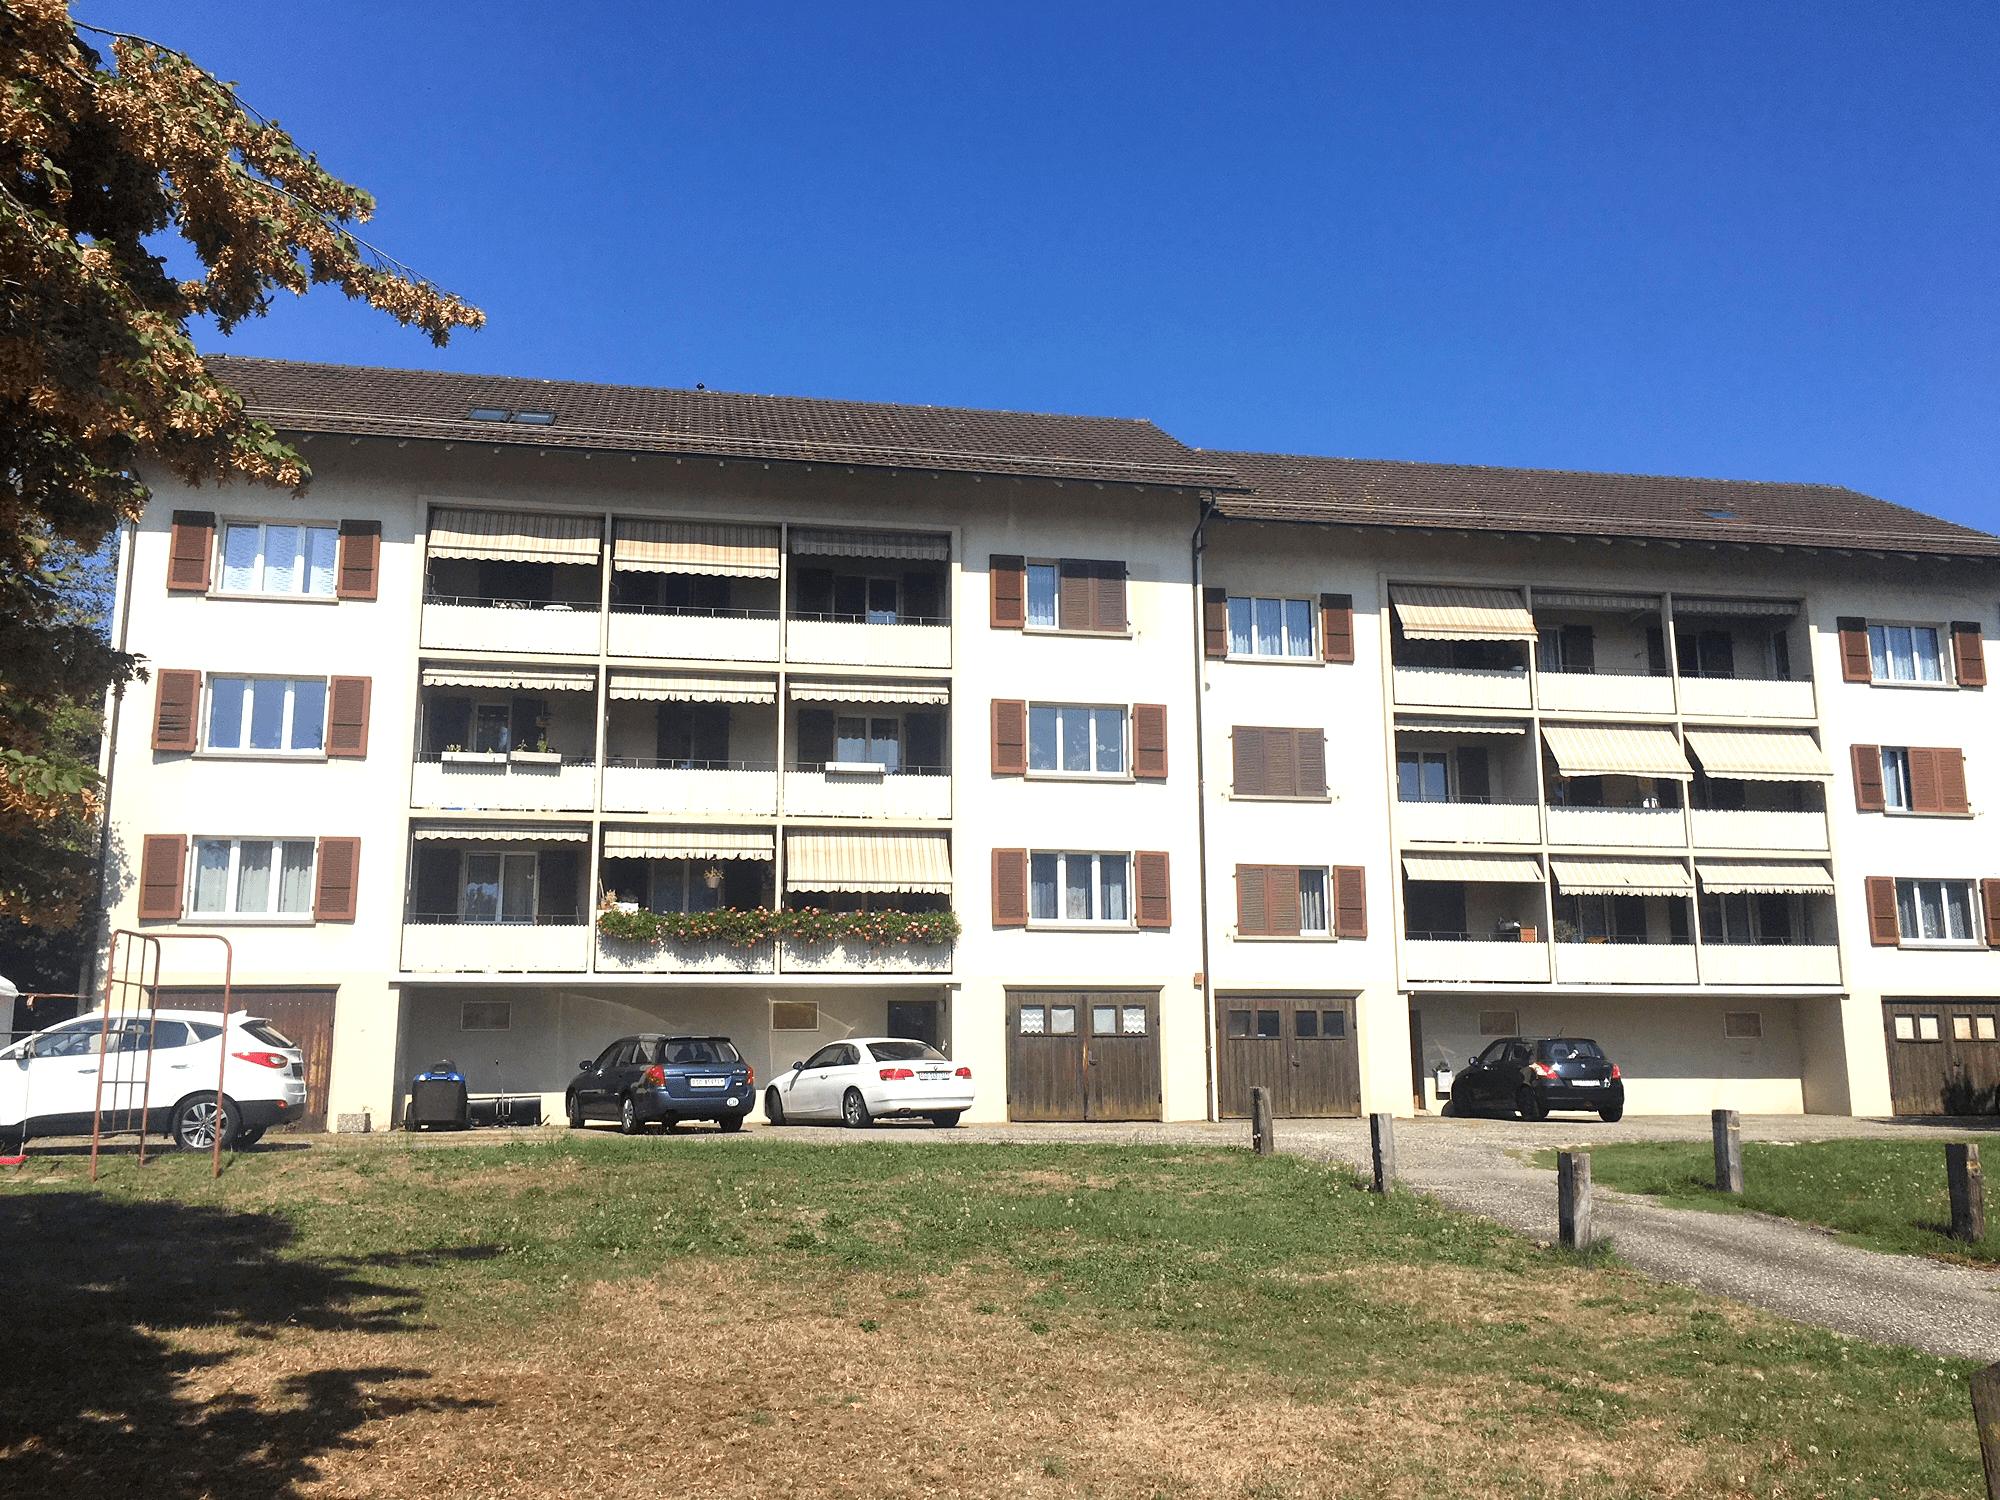 Mehrfamilienhaus in Wangen bei Olten